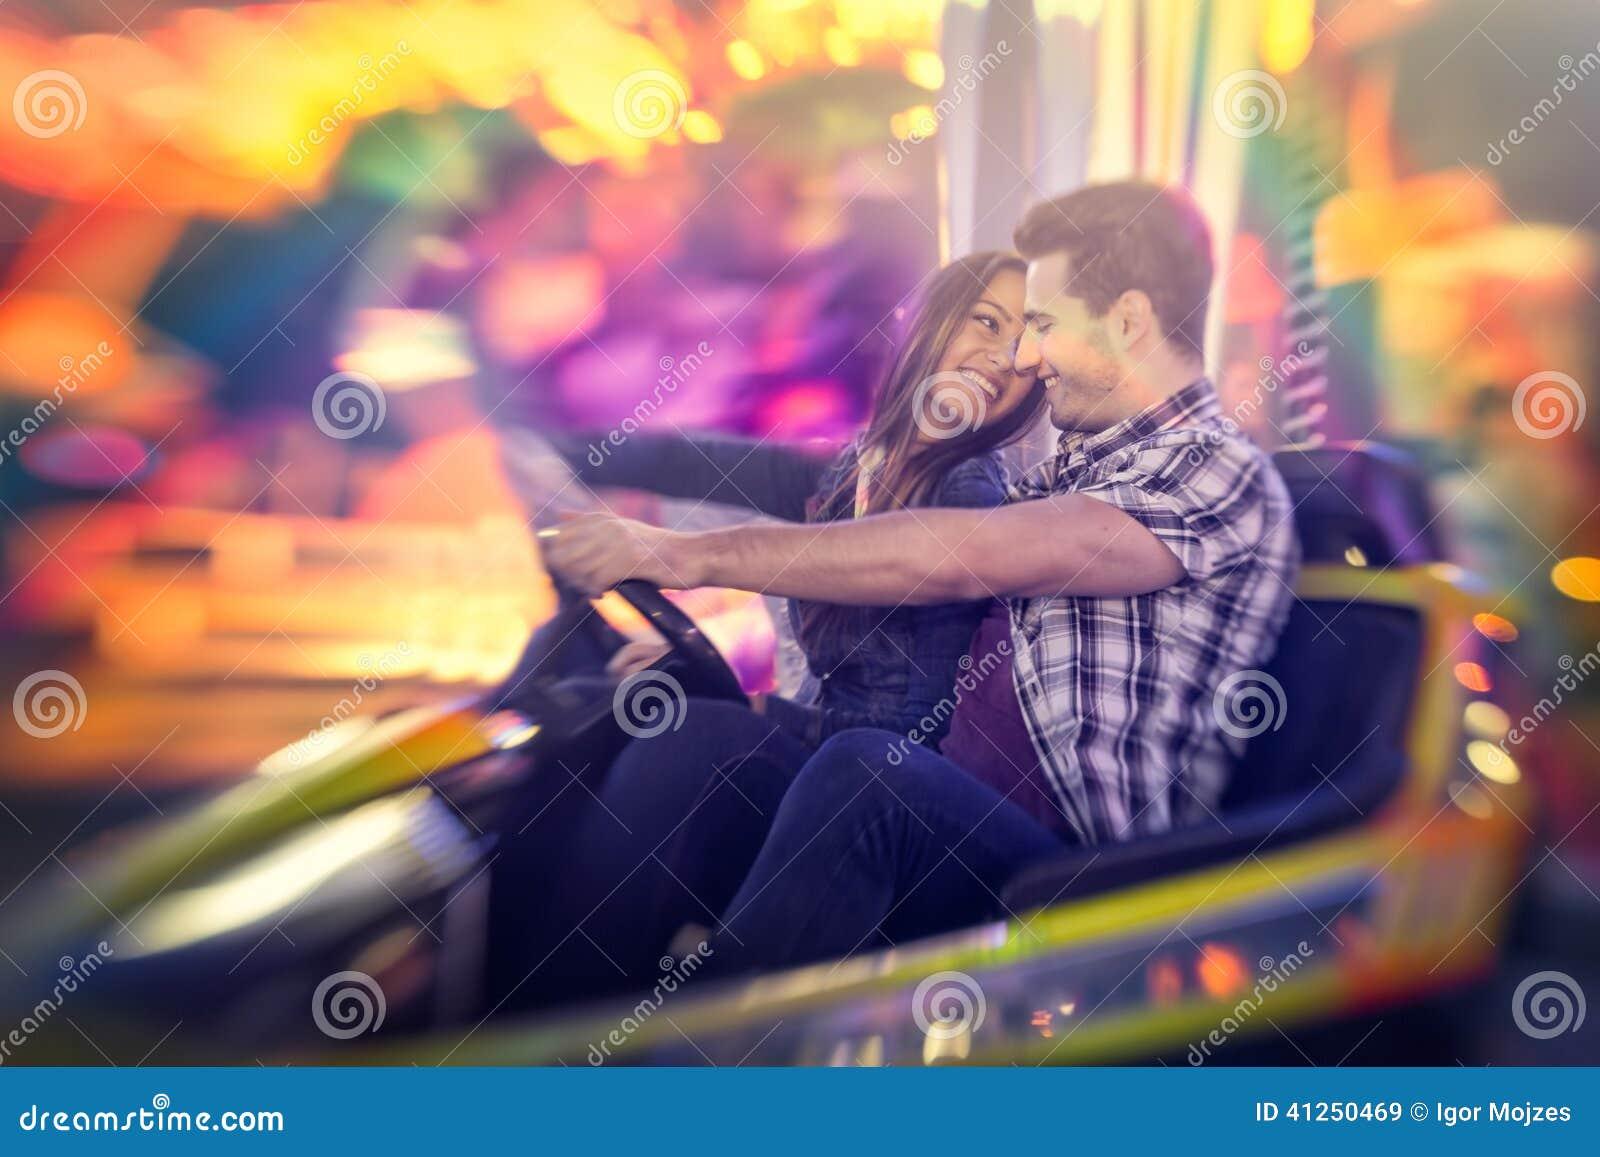 Happy couple ride bumper car